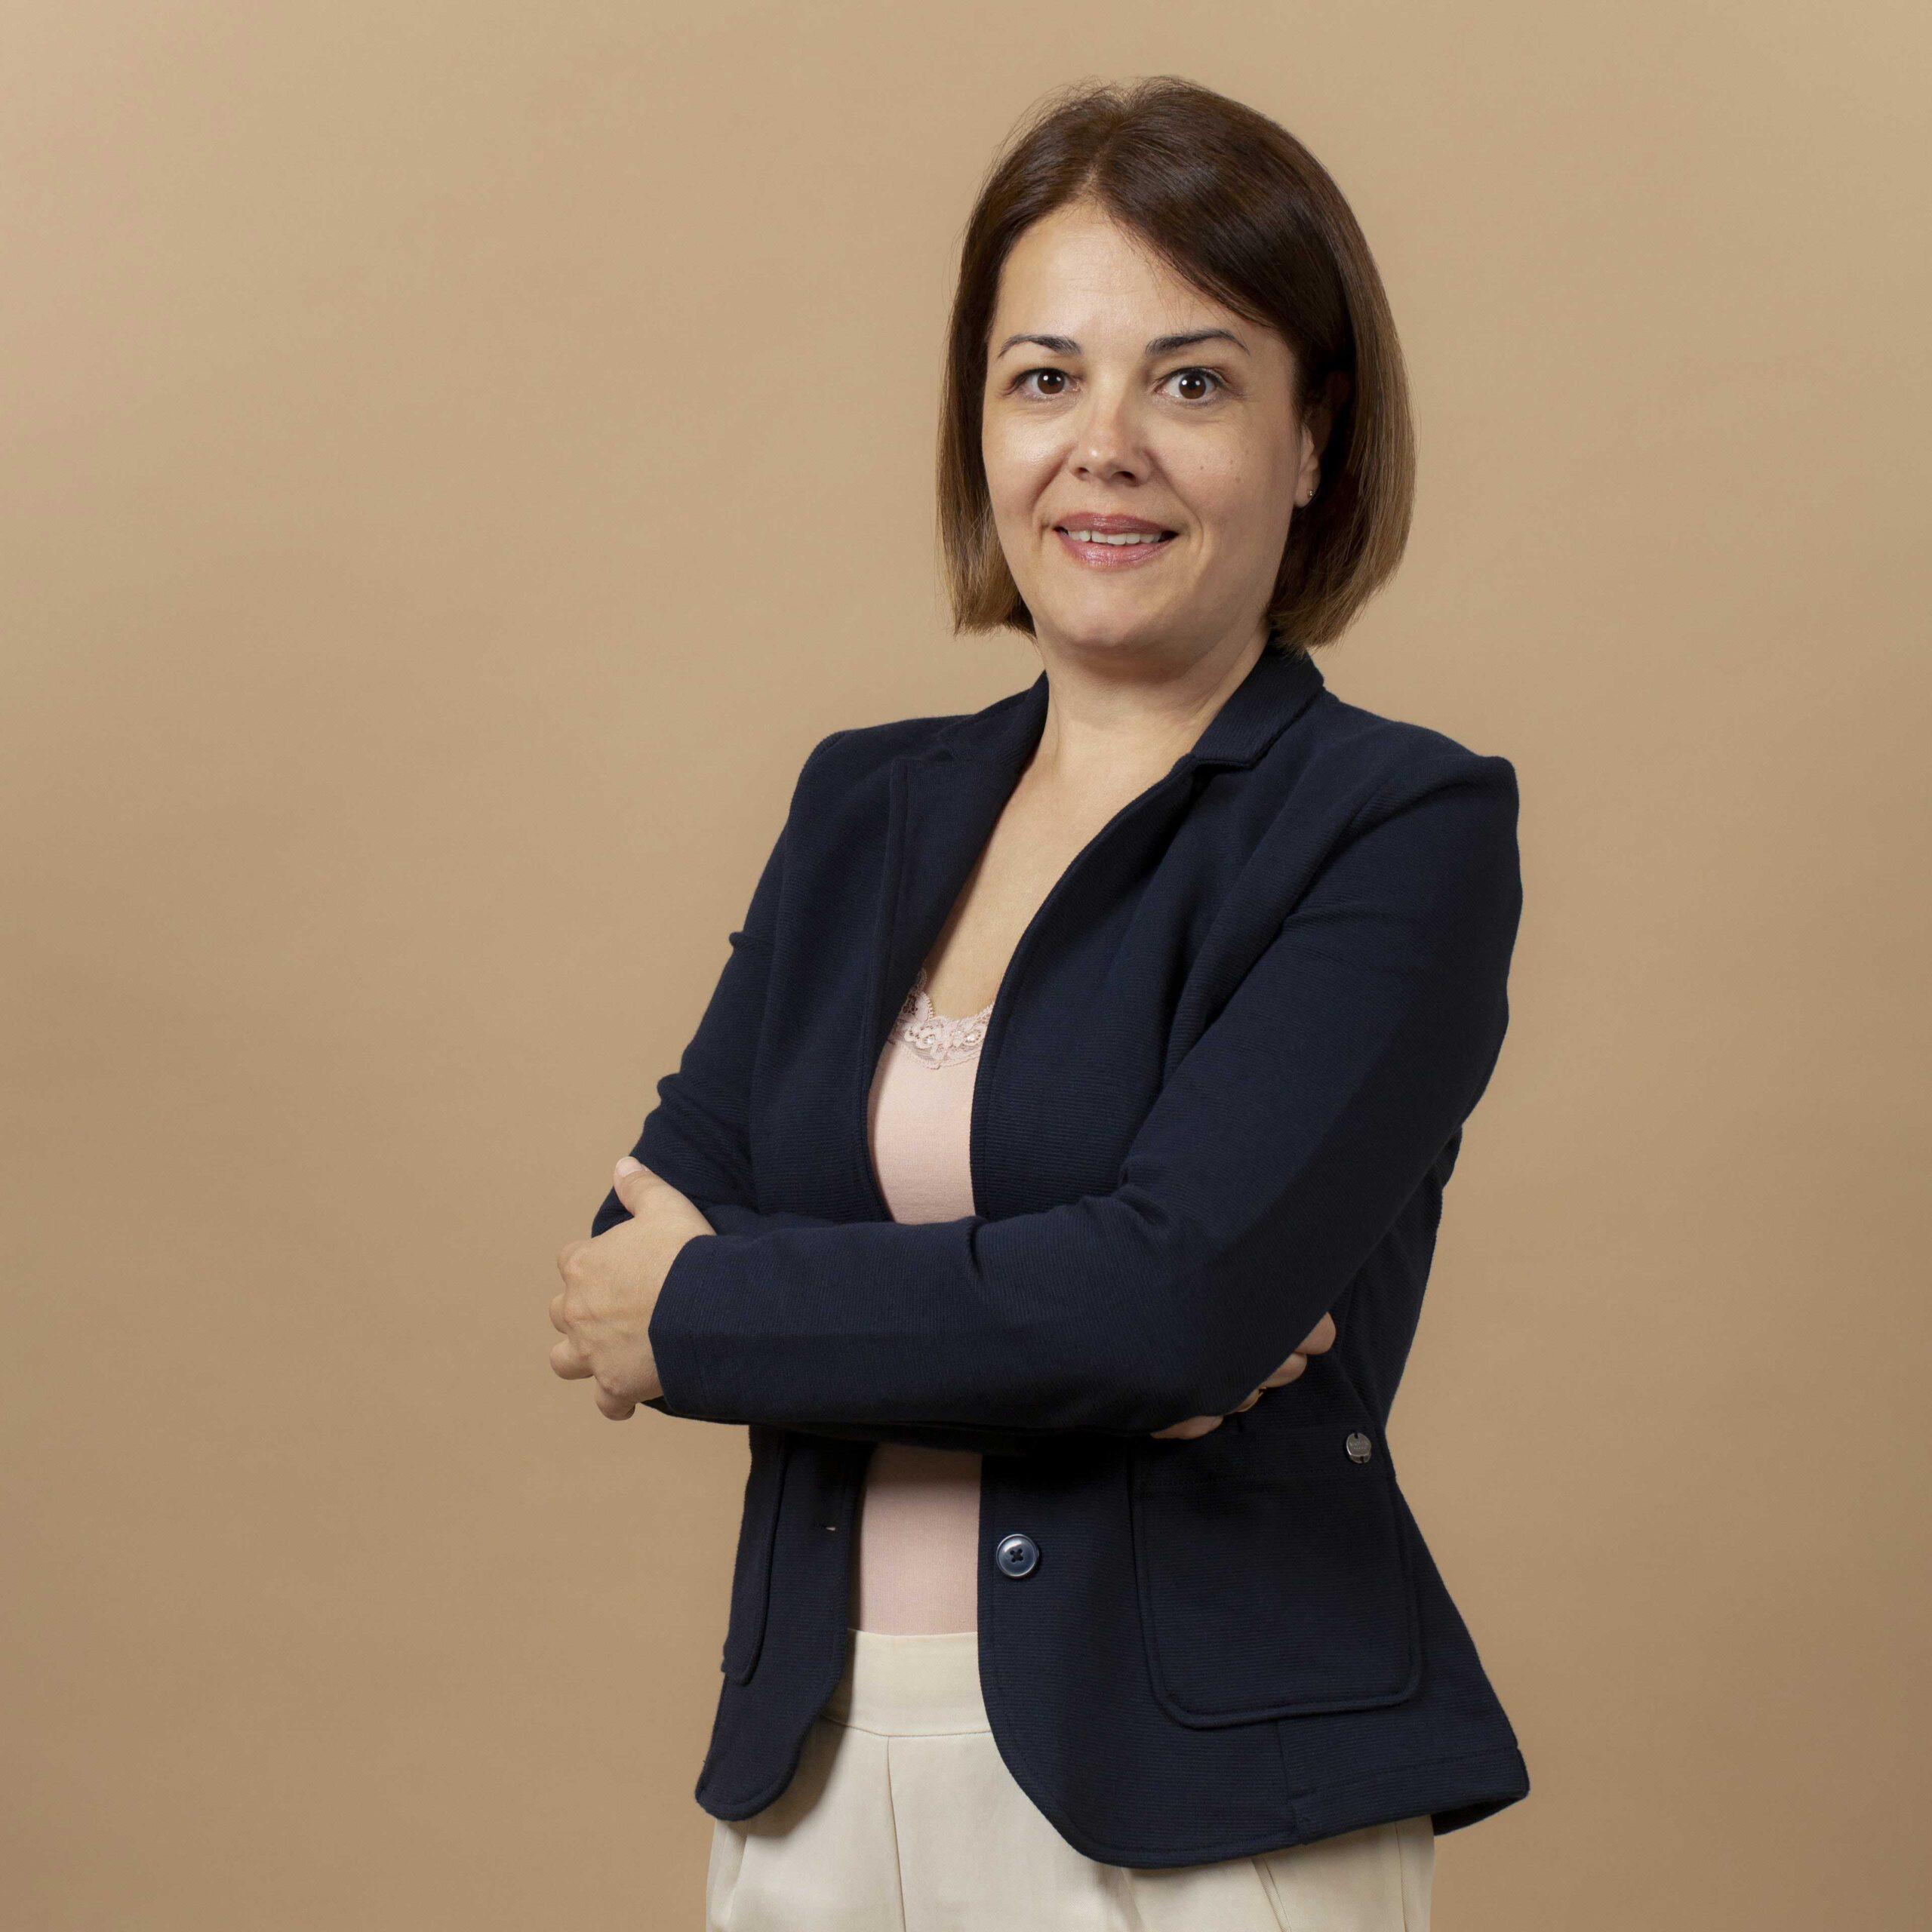 Sanja Stepanović